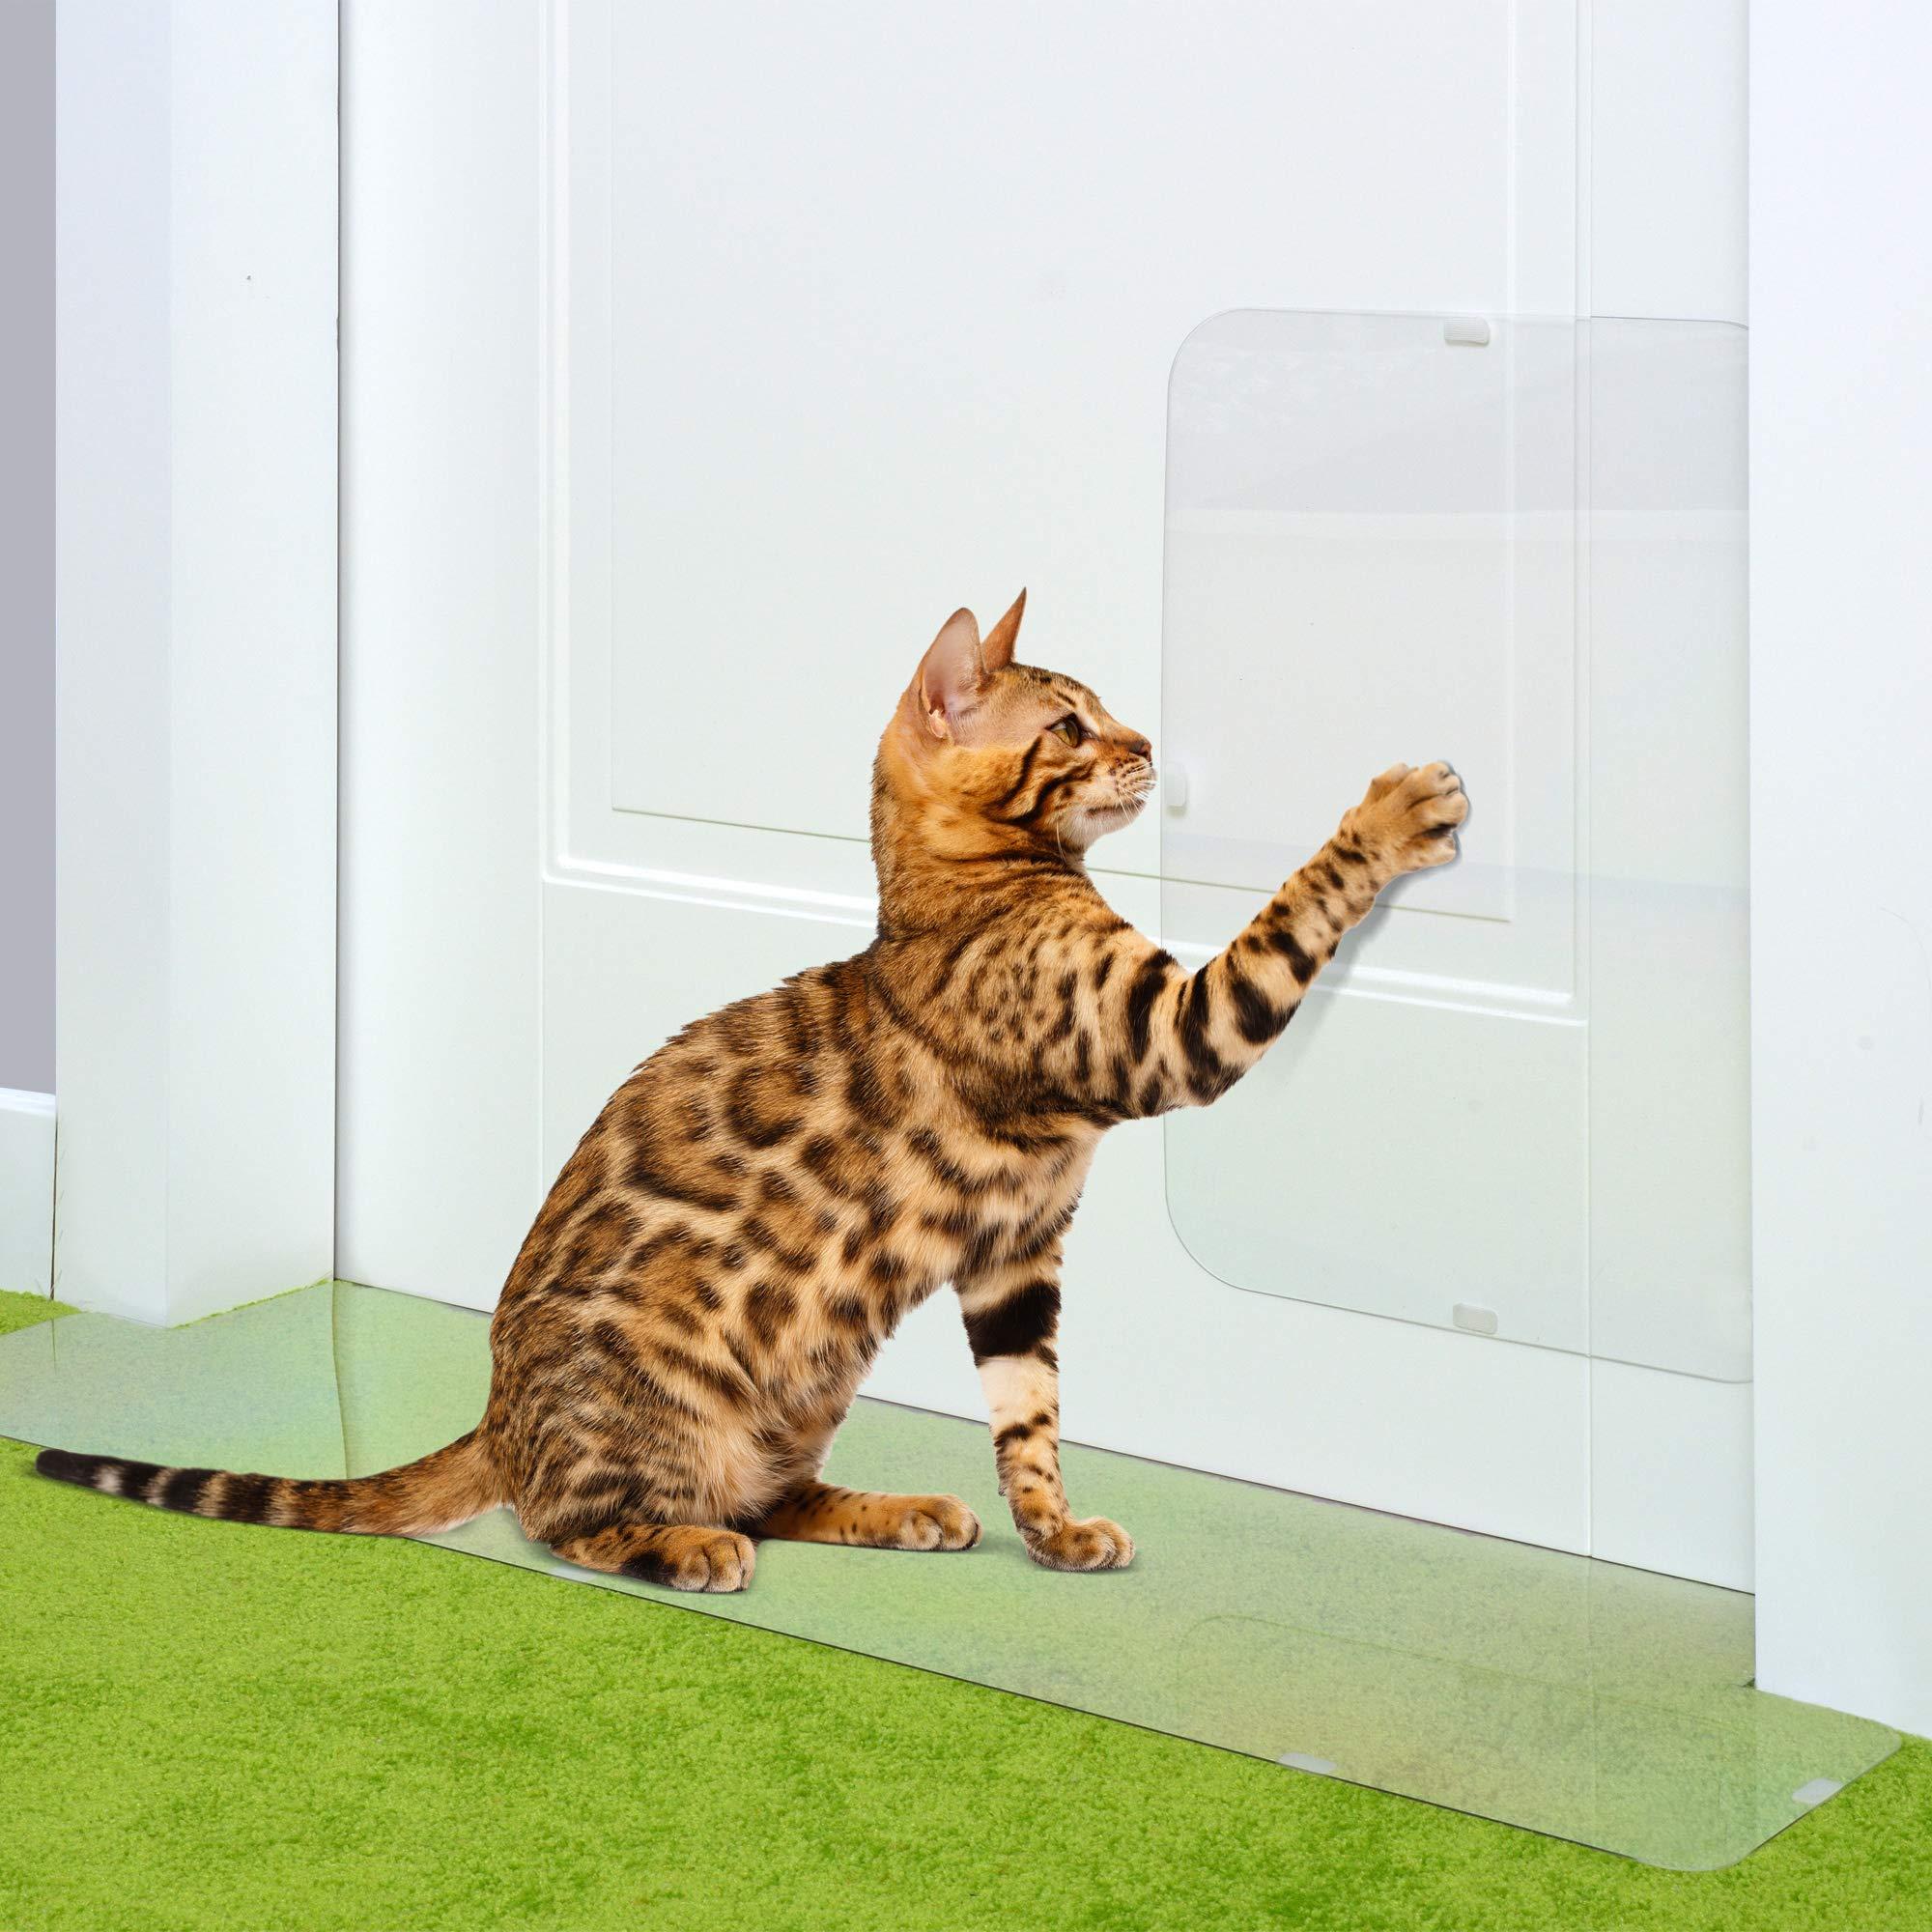 PETFECT Carpet Cat Scratch Protector & Door Guard 2-Piece Set - Tough See-Thru Deterrent w/Slip Stopper Design for Floors & 30 Inch Doorways